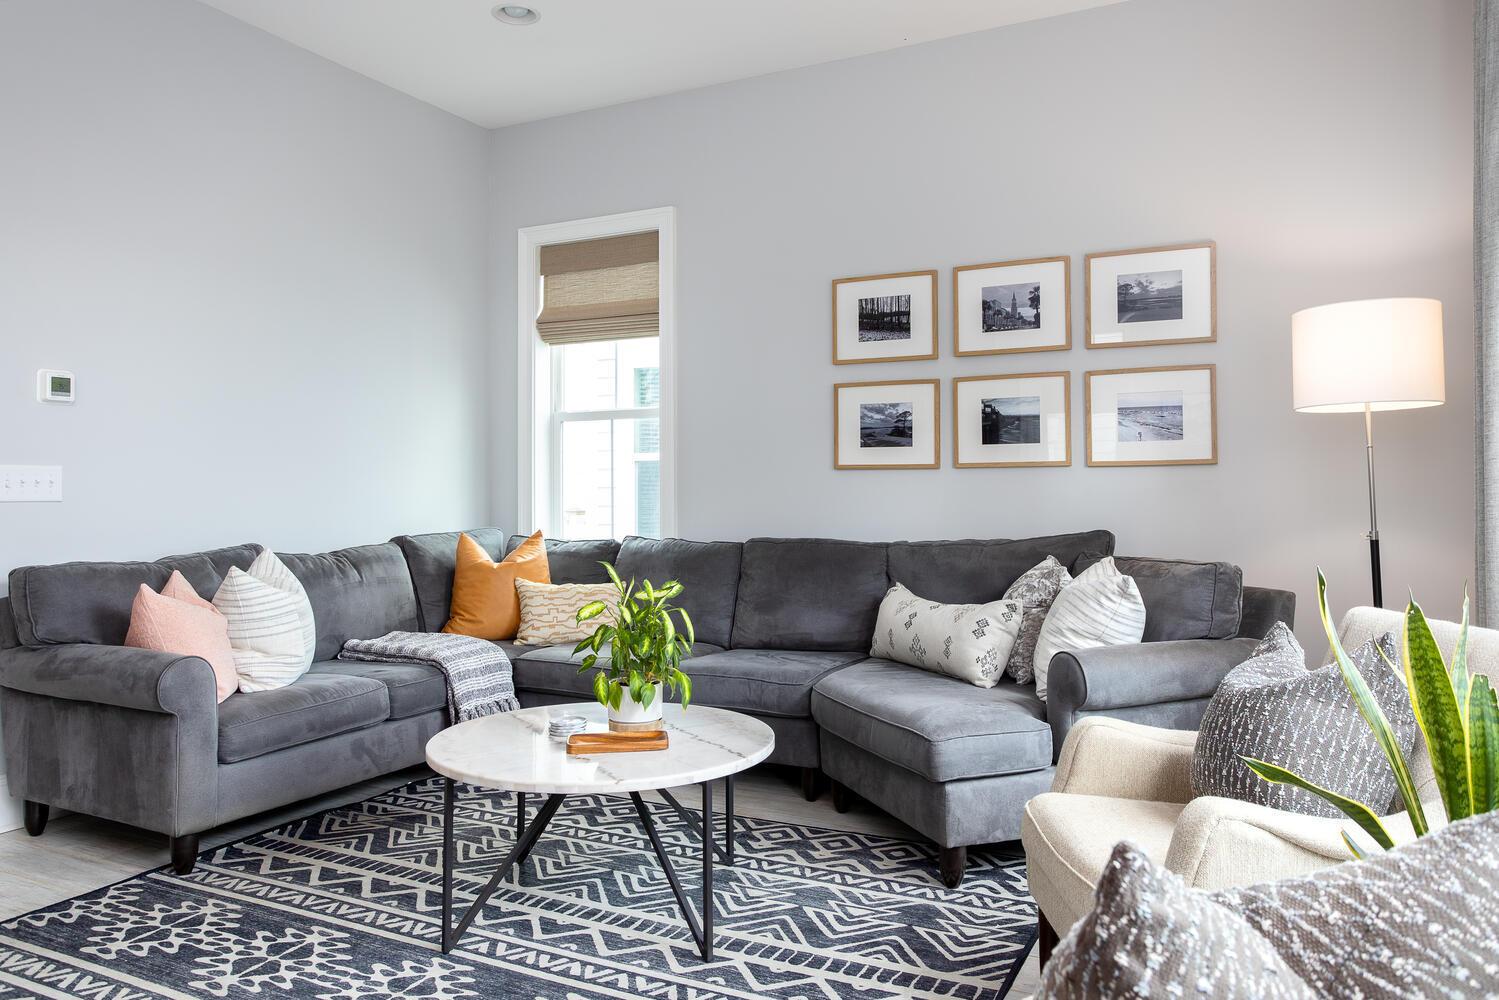 Kings Flats Homes For Sale - 103 Alder, Charleston, SC - 41